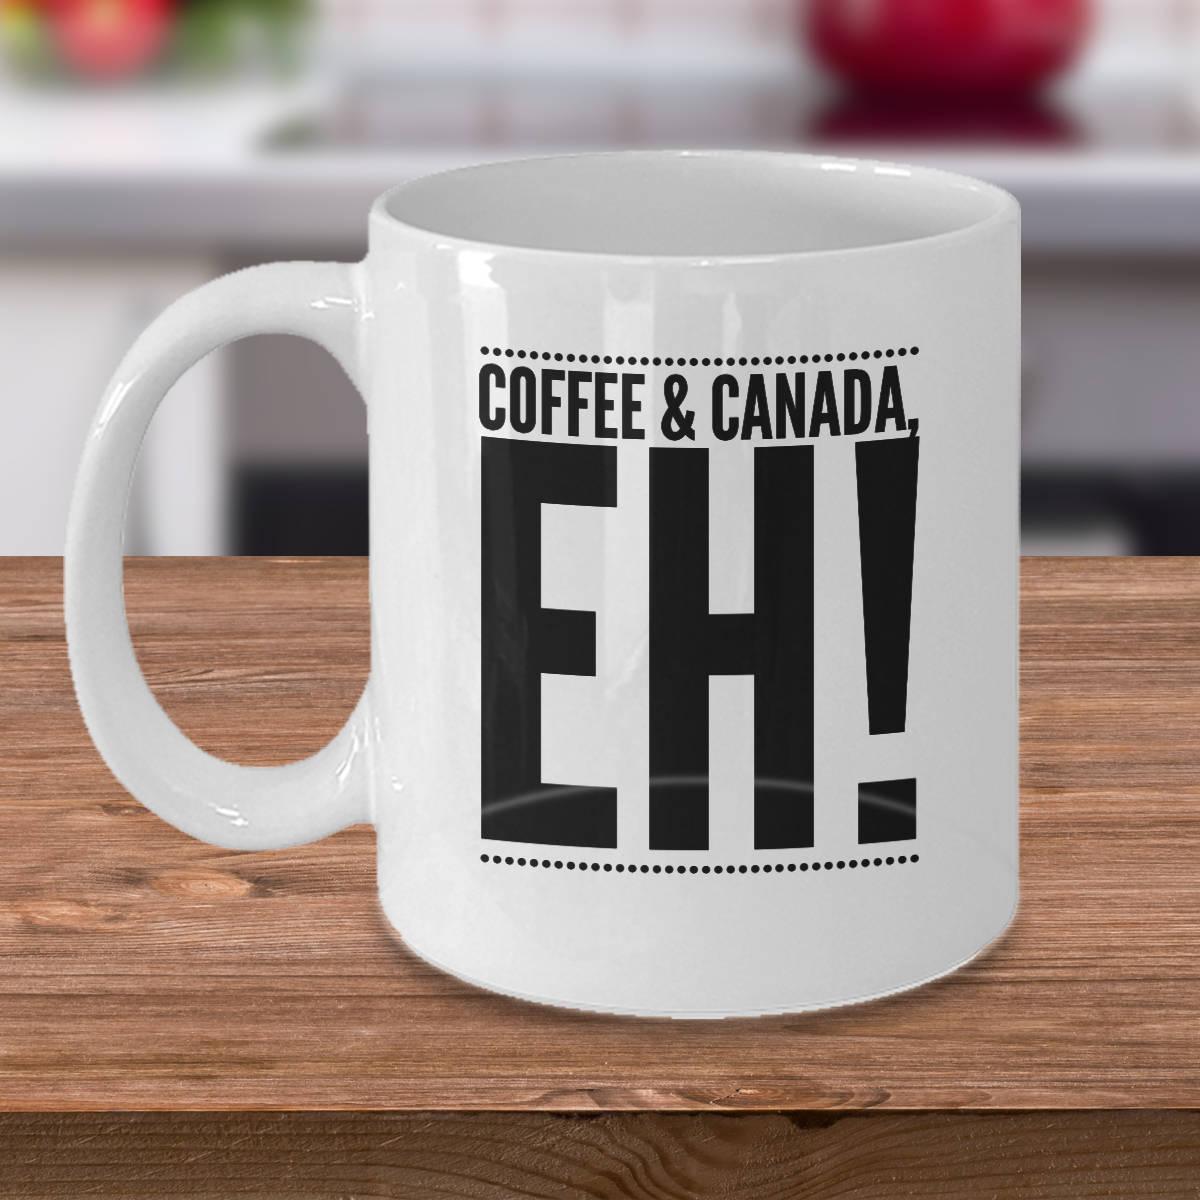 Canadian Mug Canada Coffee Mug Canada Gift Ideas Coffee | Etsy